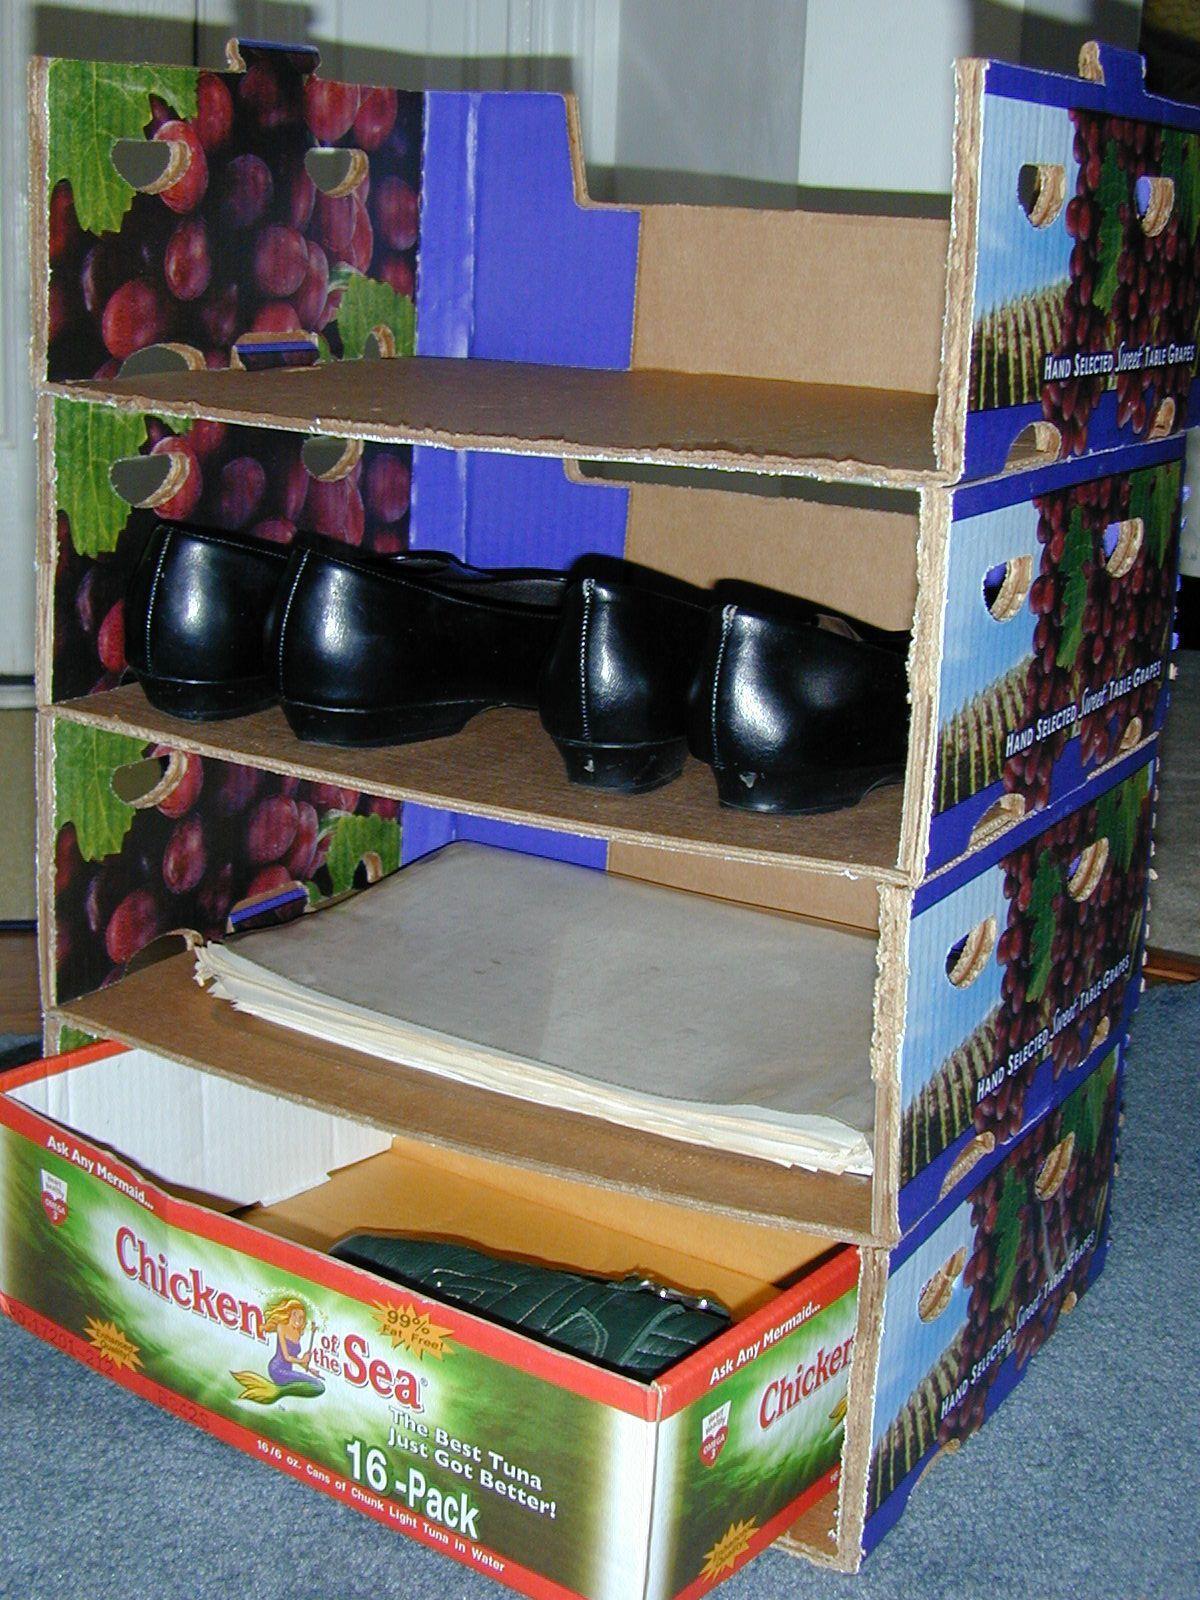 Cardboard Shelves & Storage #cardboardshelves Cardboard shelves & storage #cardboardshelves